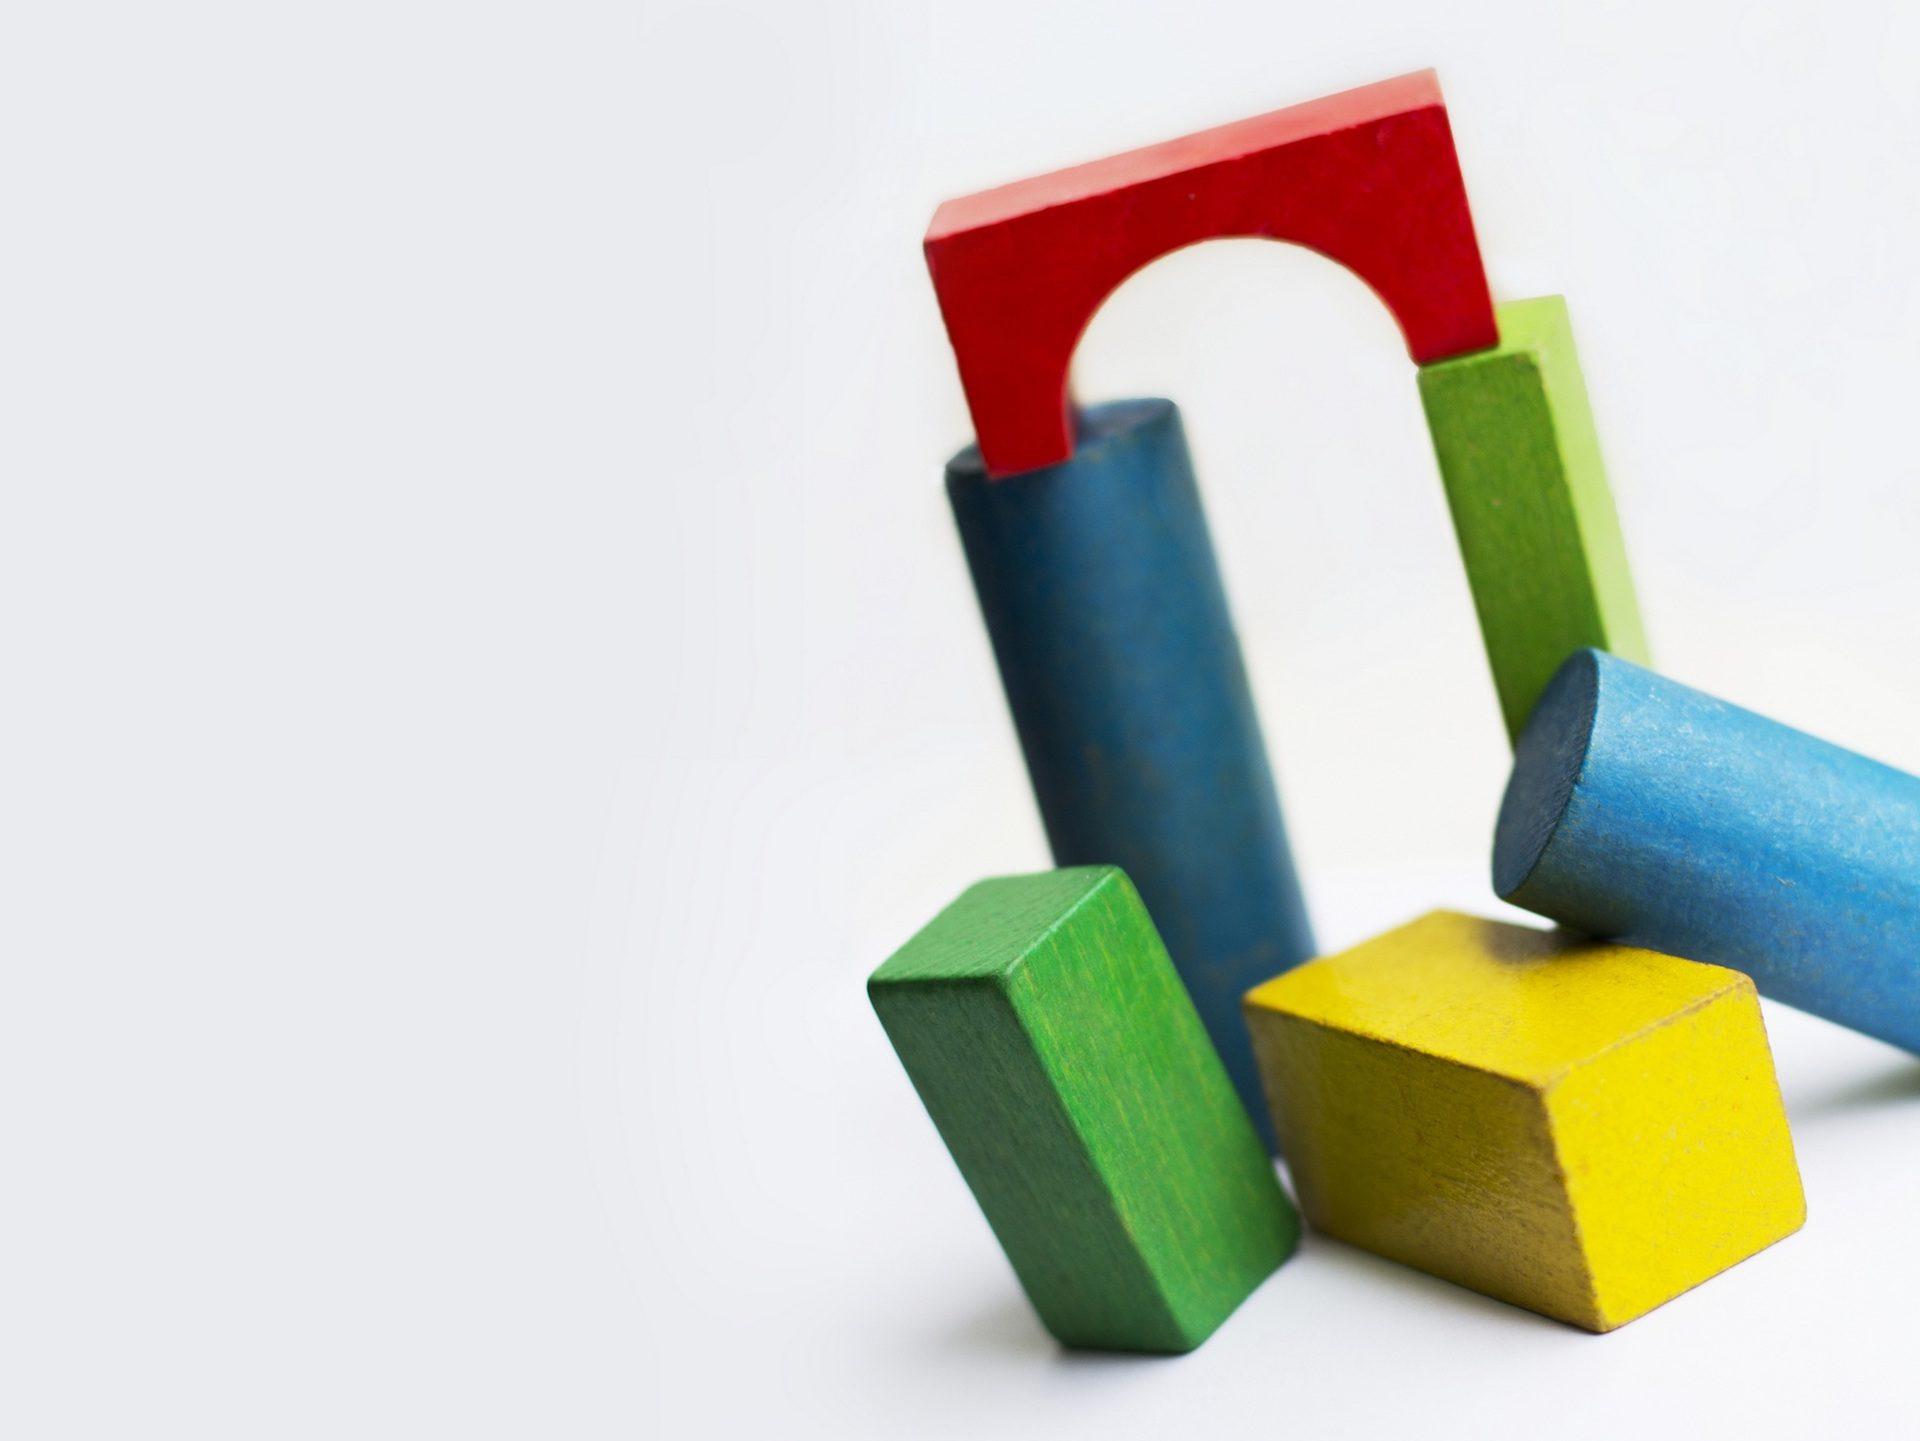 blocos, construção, jogo, crianças, colorido - Papéis de parede HD - Professor-falken.com